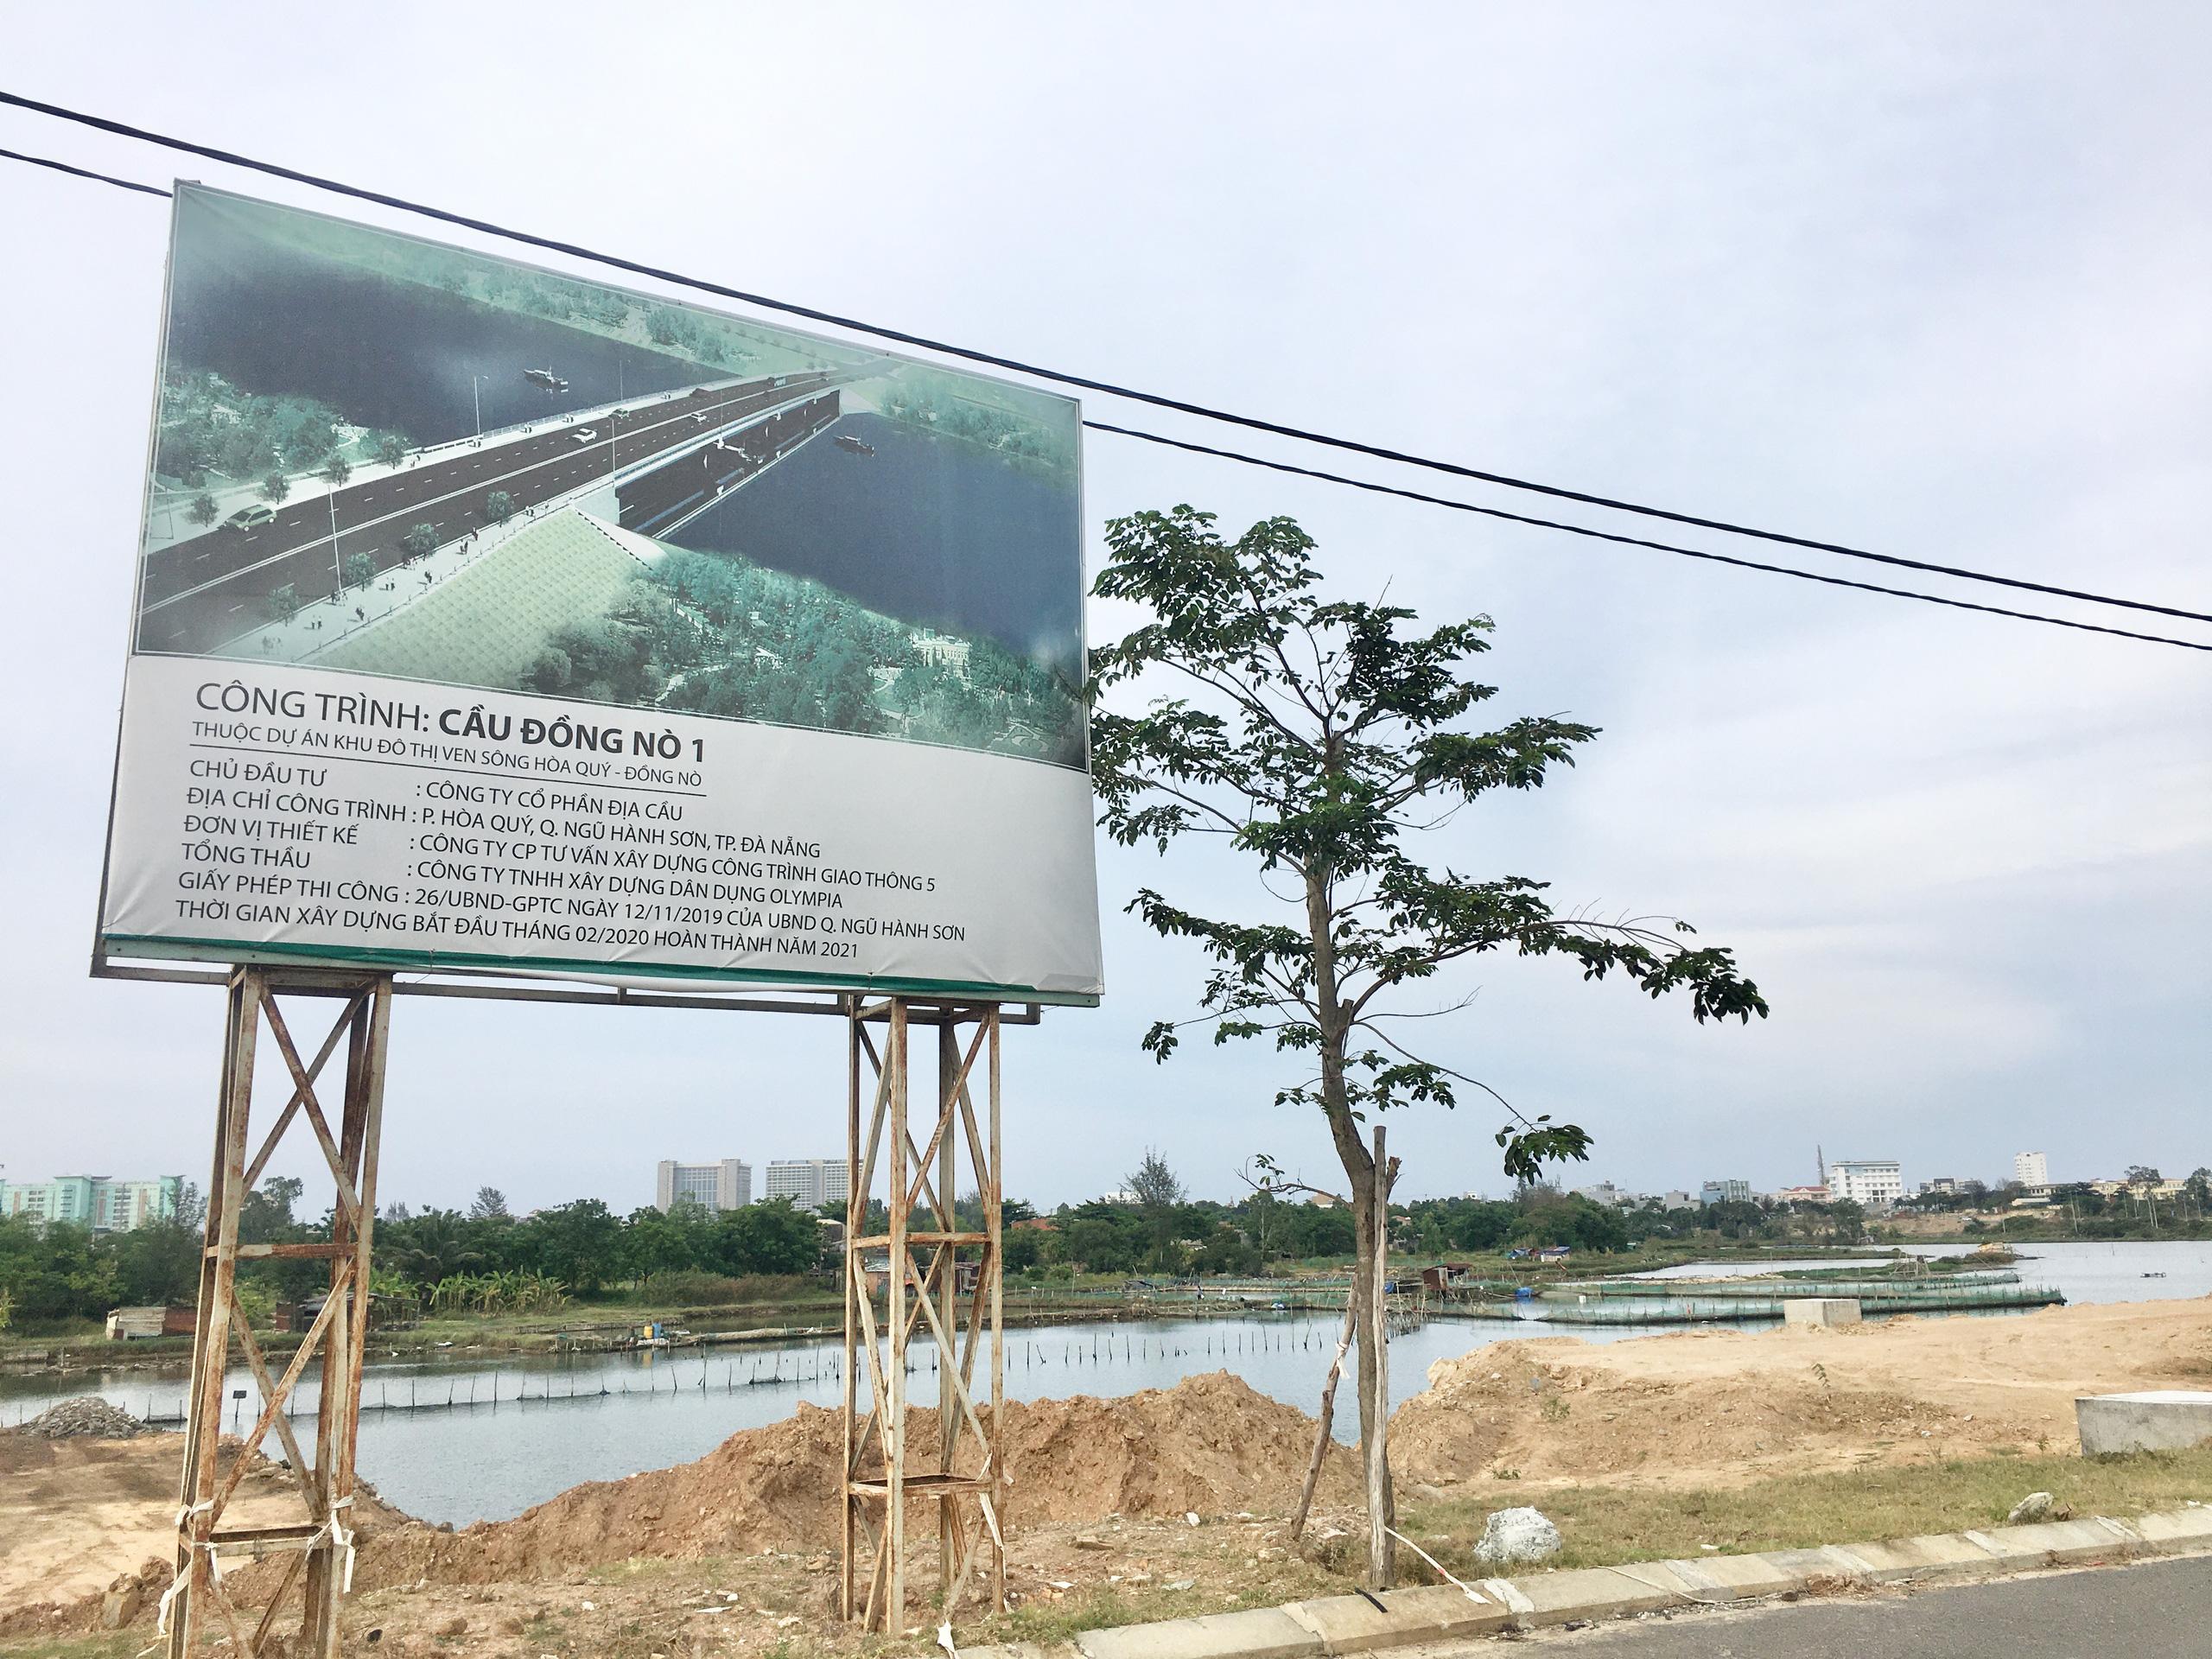 Doanh nghiệp đang nắm hơn 500 ha đất lớn nhất Đà Nẵng làm khu đô thị - Ảnh 1.